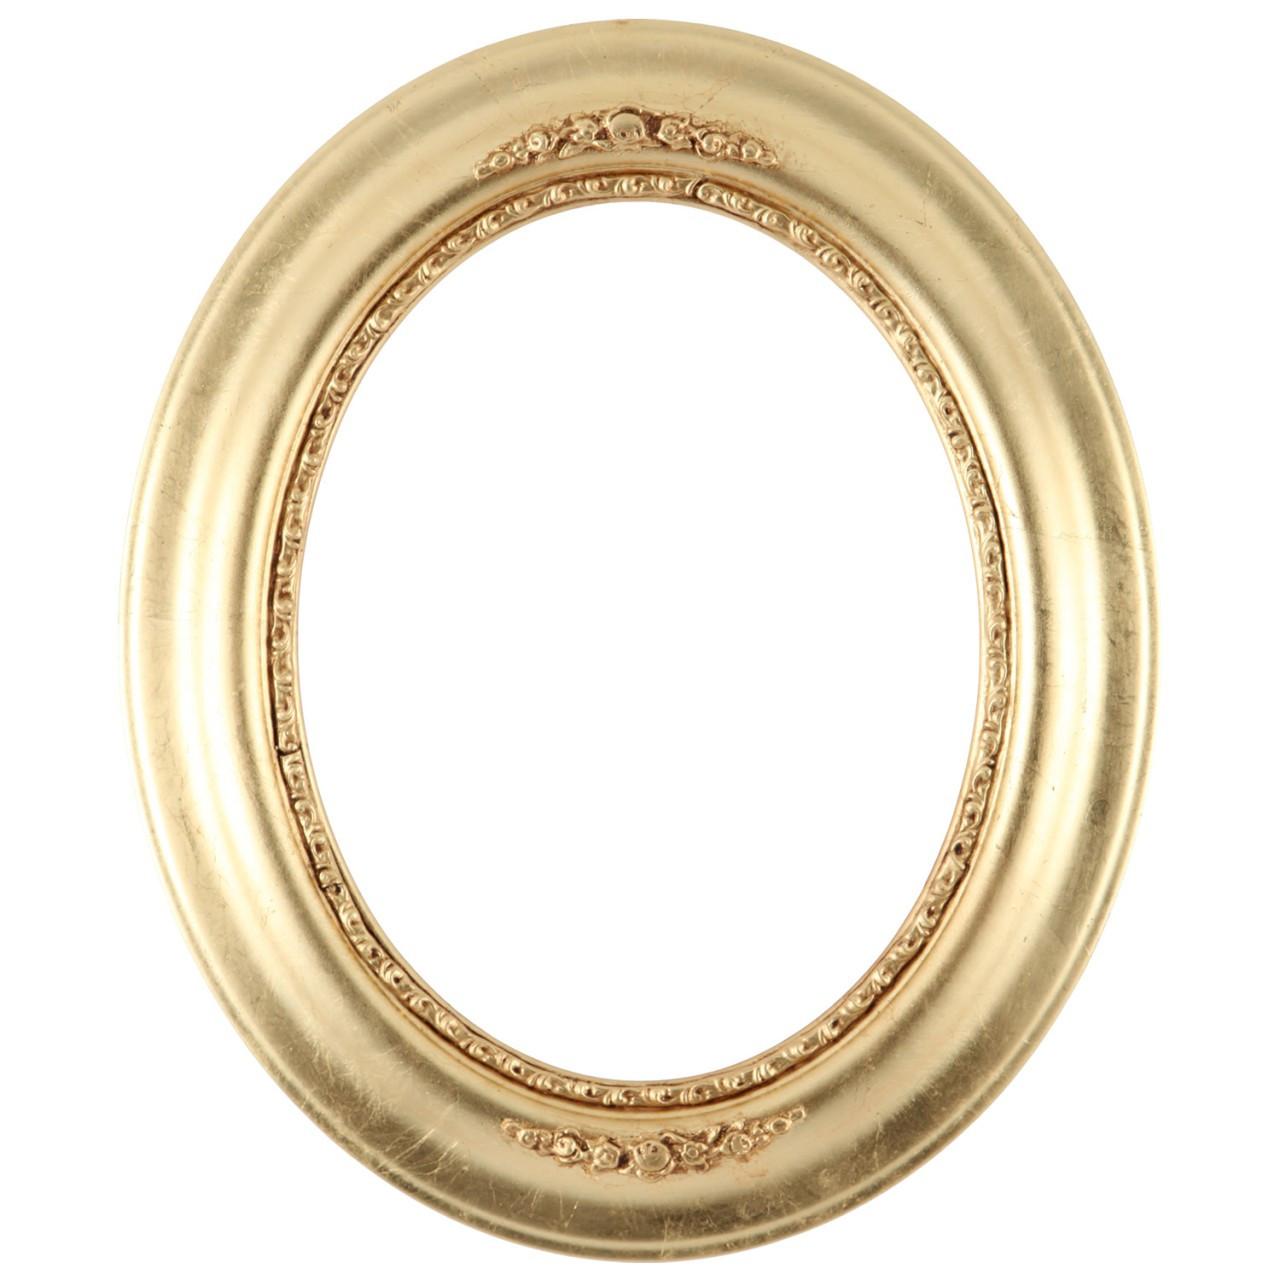 Oval Frame In Gold Leaf Finish Antique Gold Wooden Picture Frames